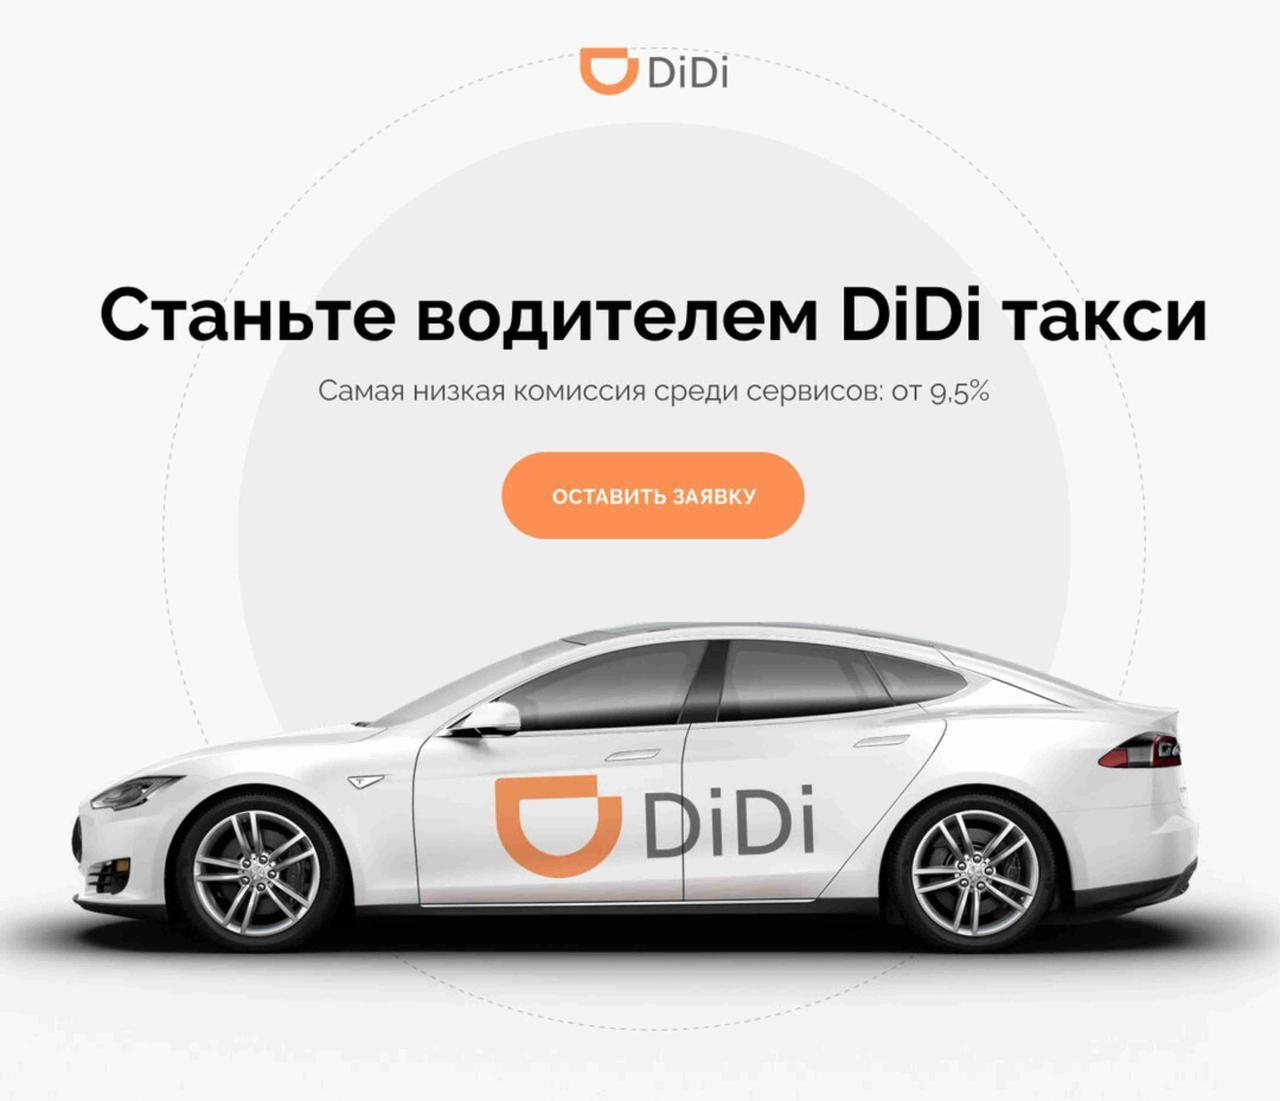 Как работают двухточечные поездки? DiDi такси онлайн